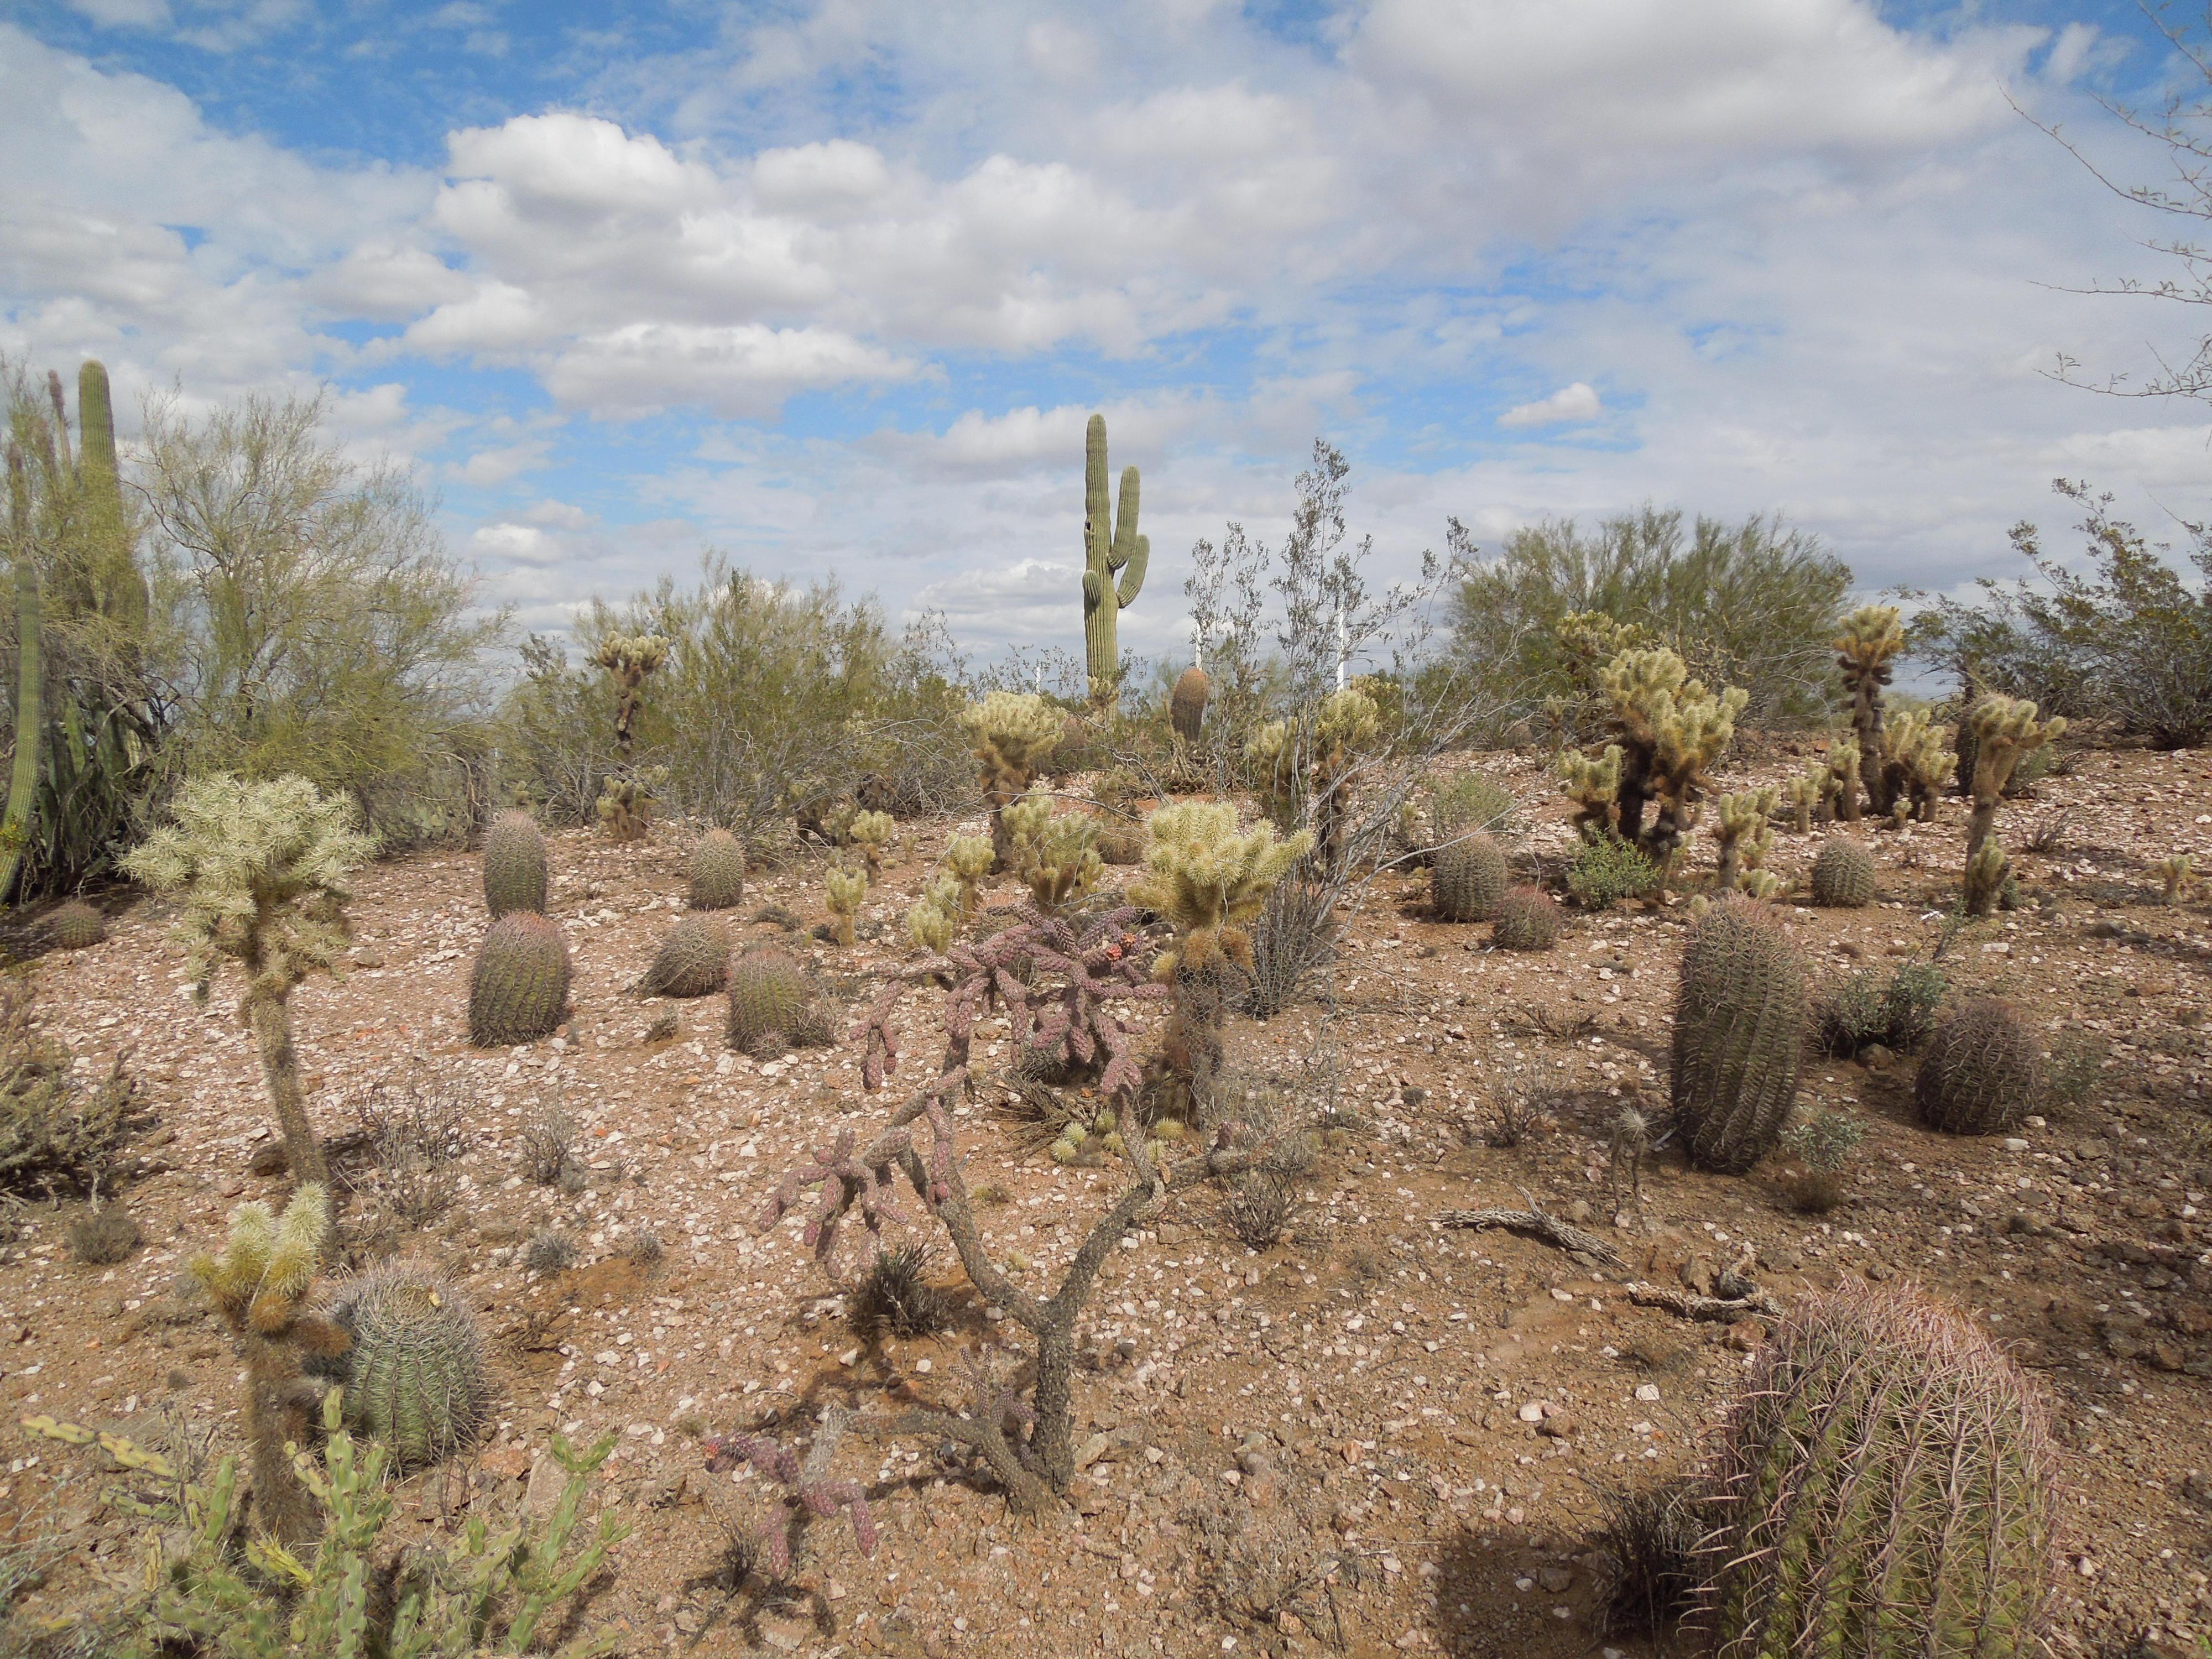 FileDesert Botanical Garden Phoenix Arizona 34JPG   Wikimedia 4000x3000